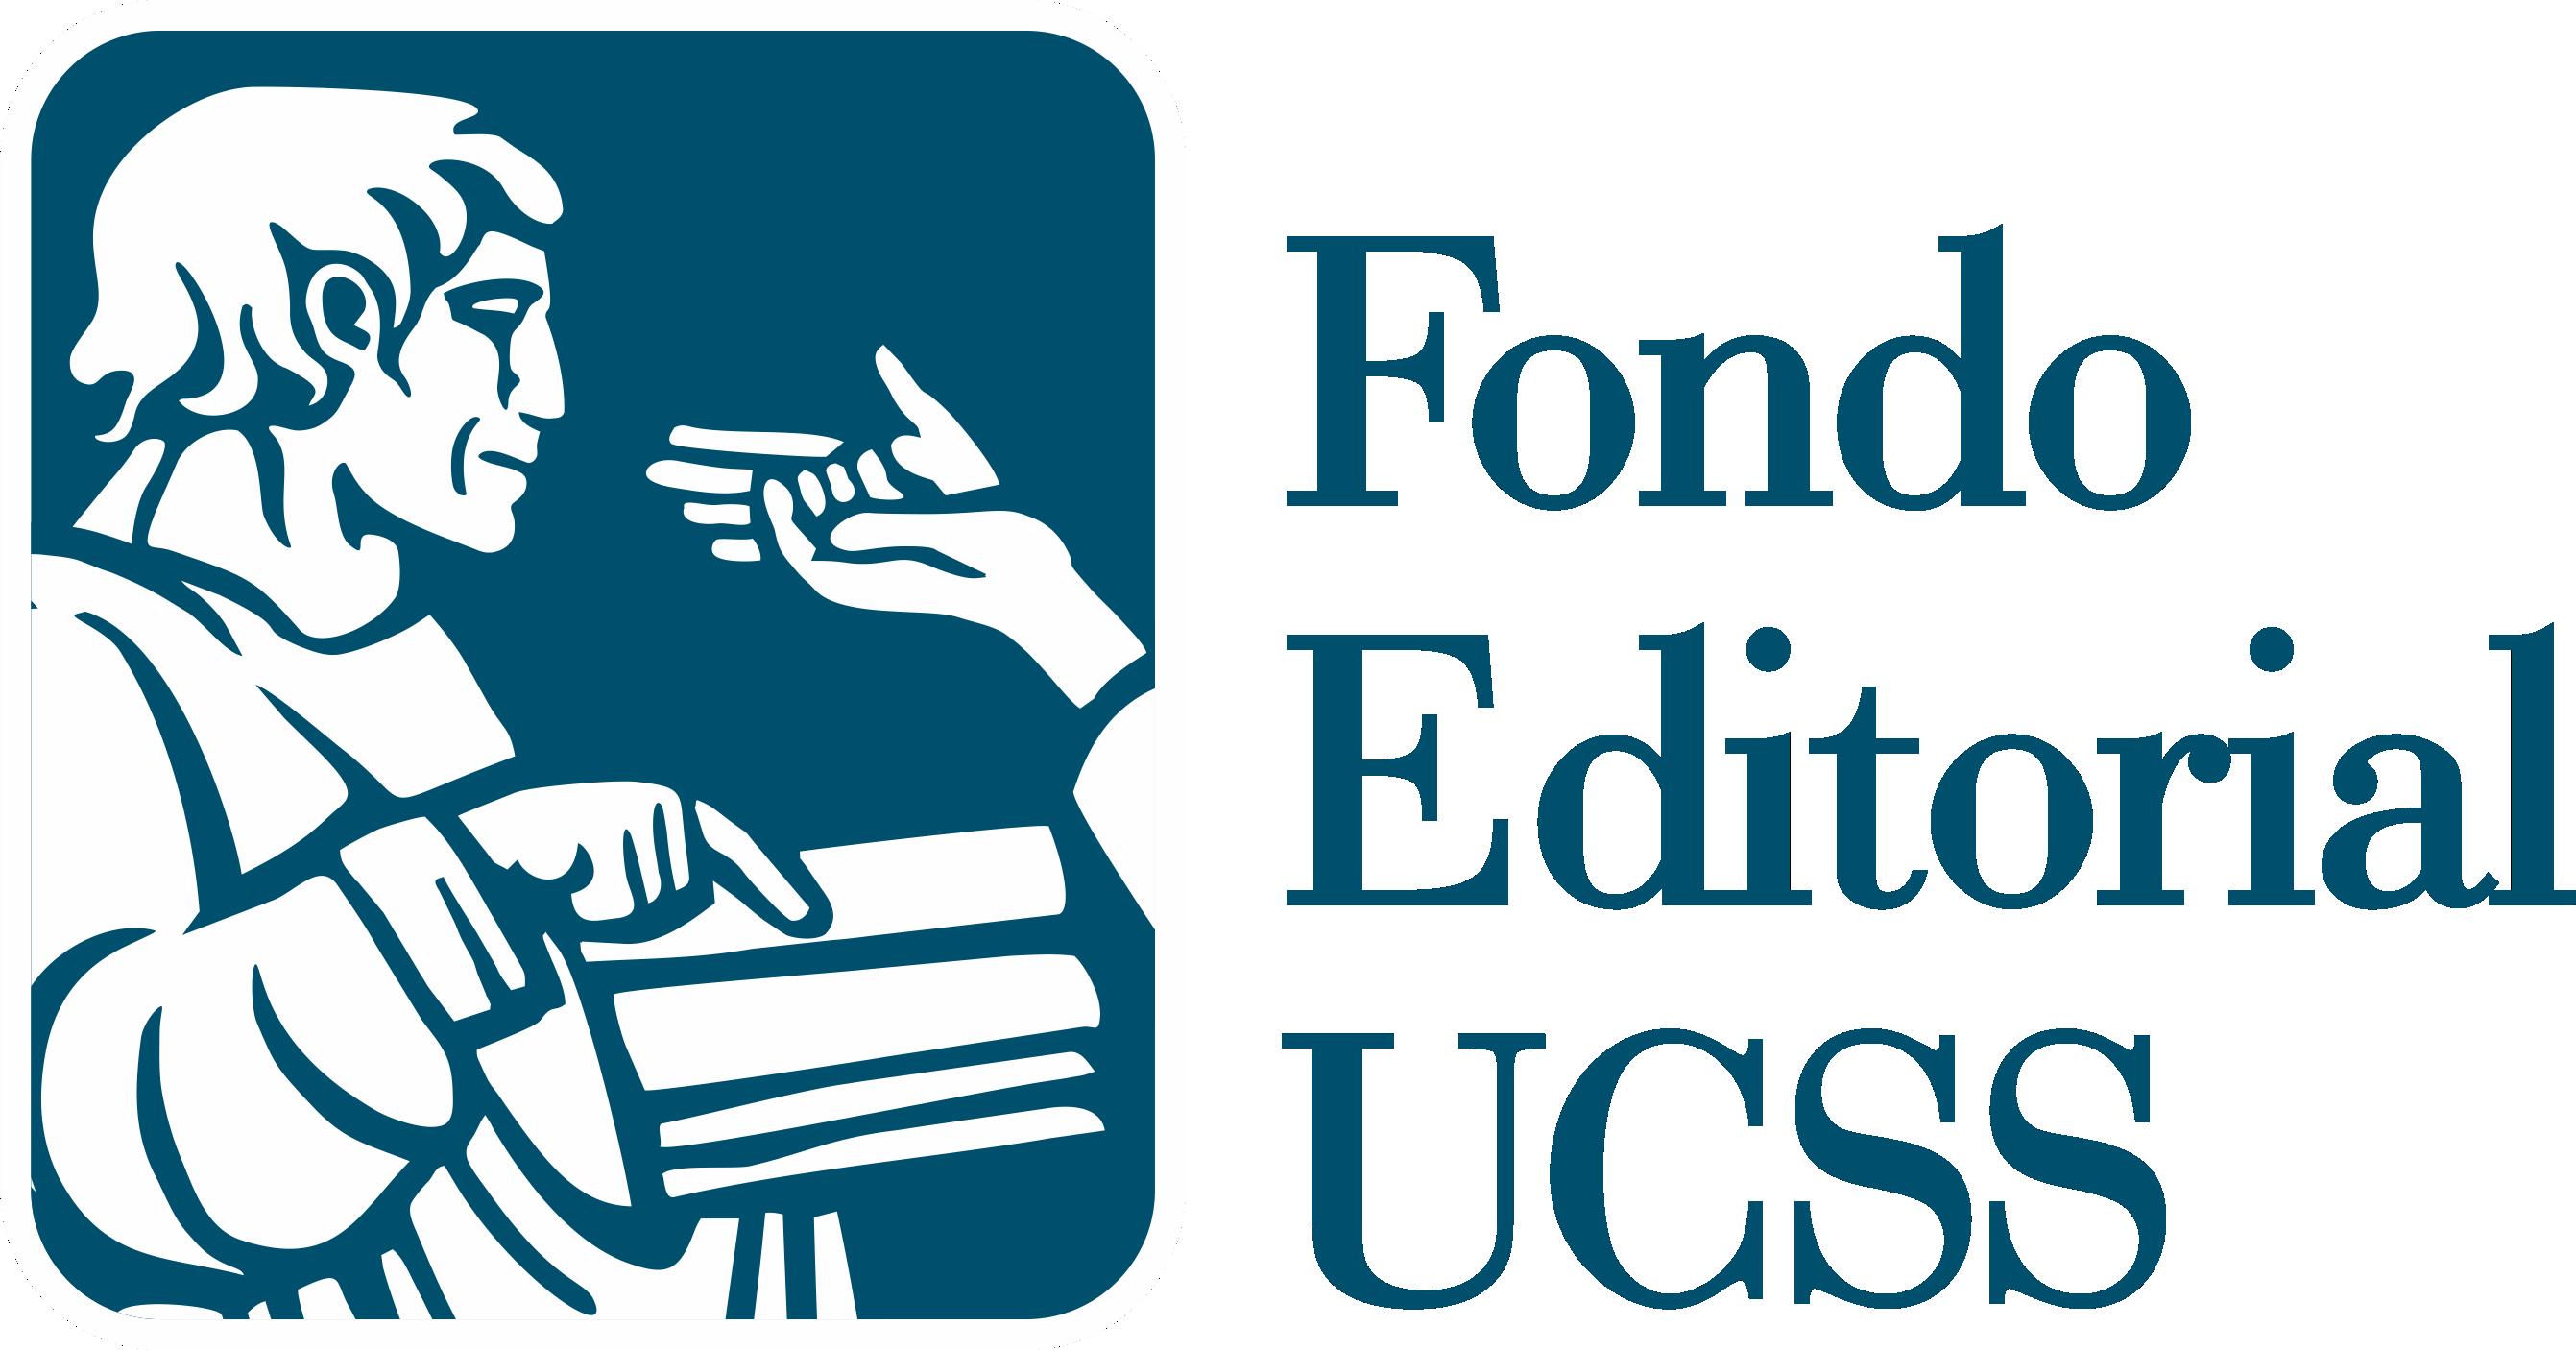 fondo-editorial-logo-azul